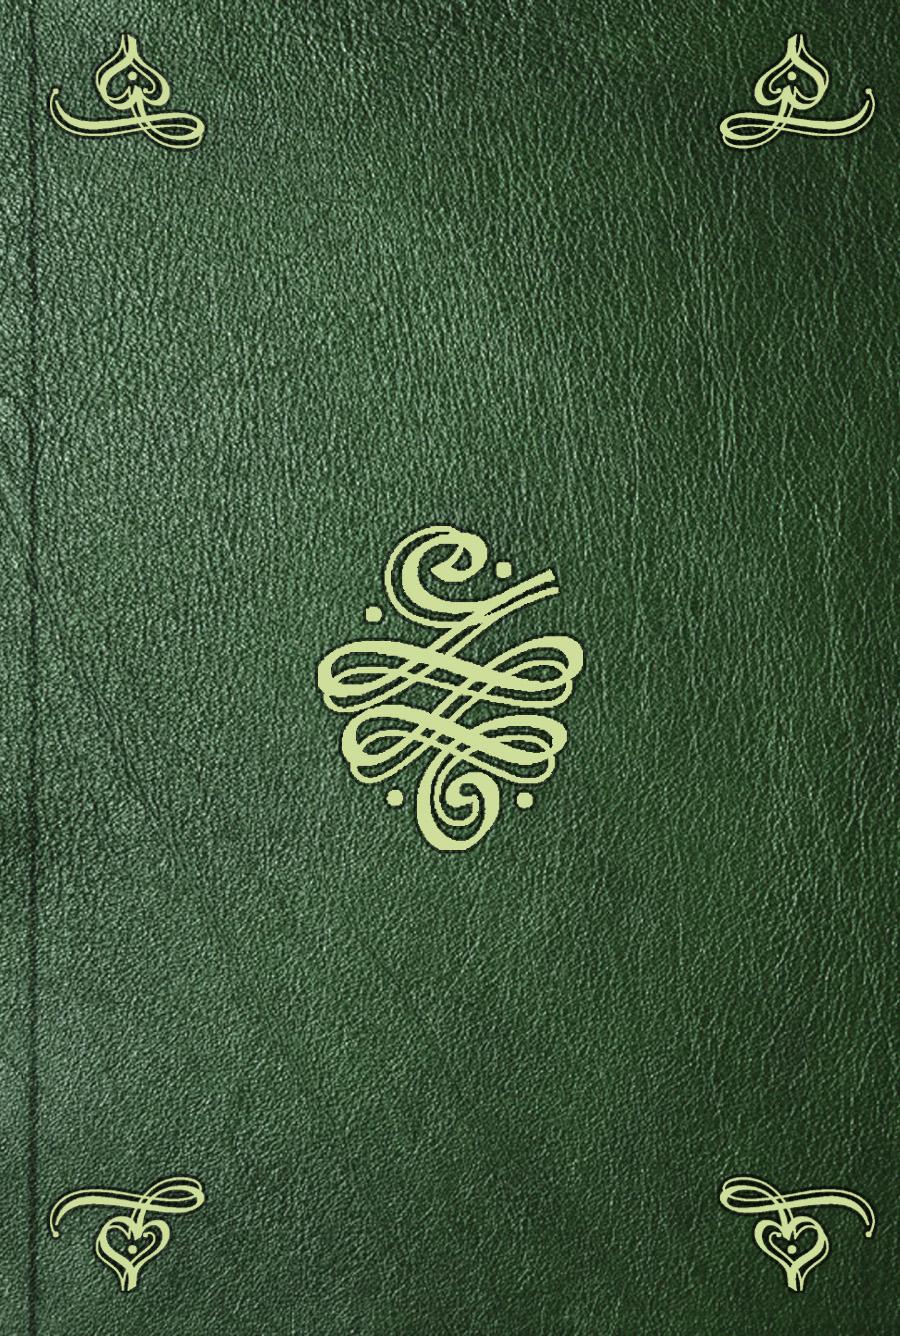 Aubin Louis Millin Dictionnaire des Beaux-arts. T. 3 beaux arts trio джон роджерс joan rodgers beaux arts trio shostakovich piano trios 7 romances